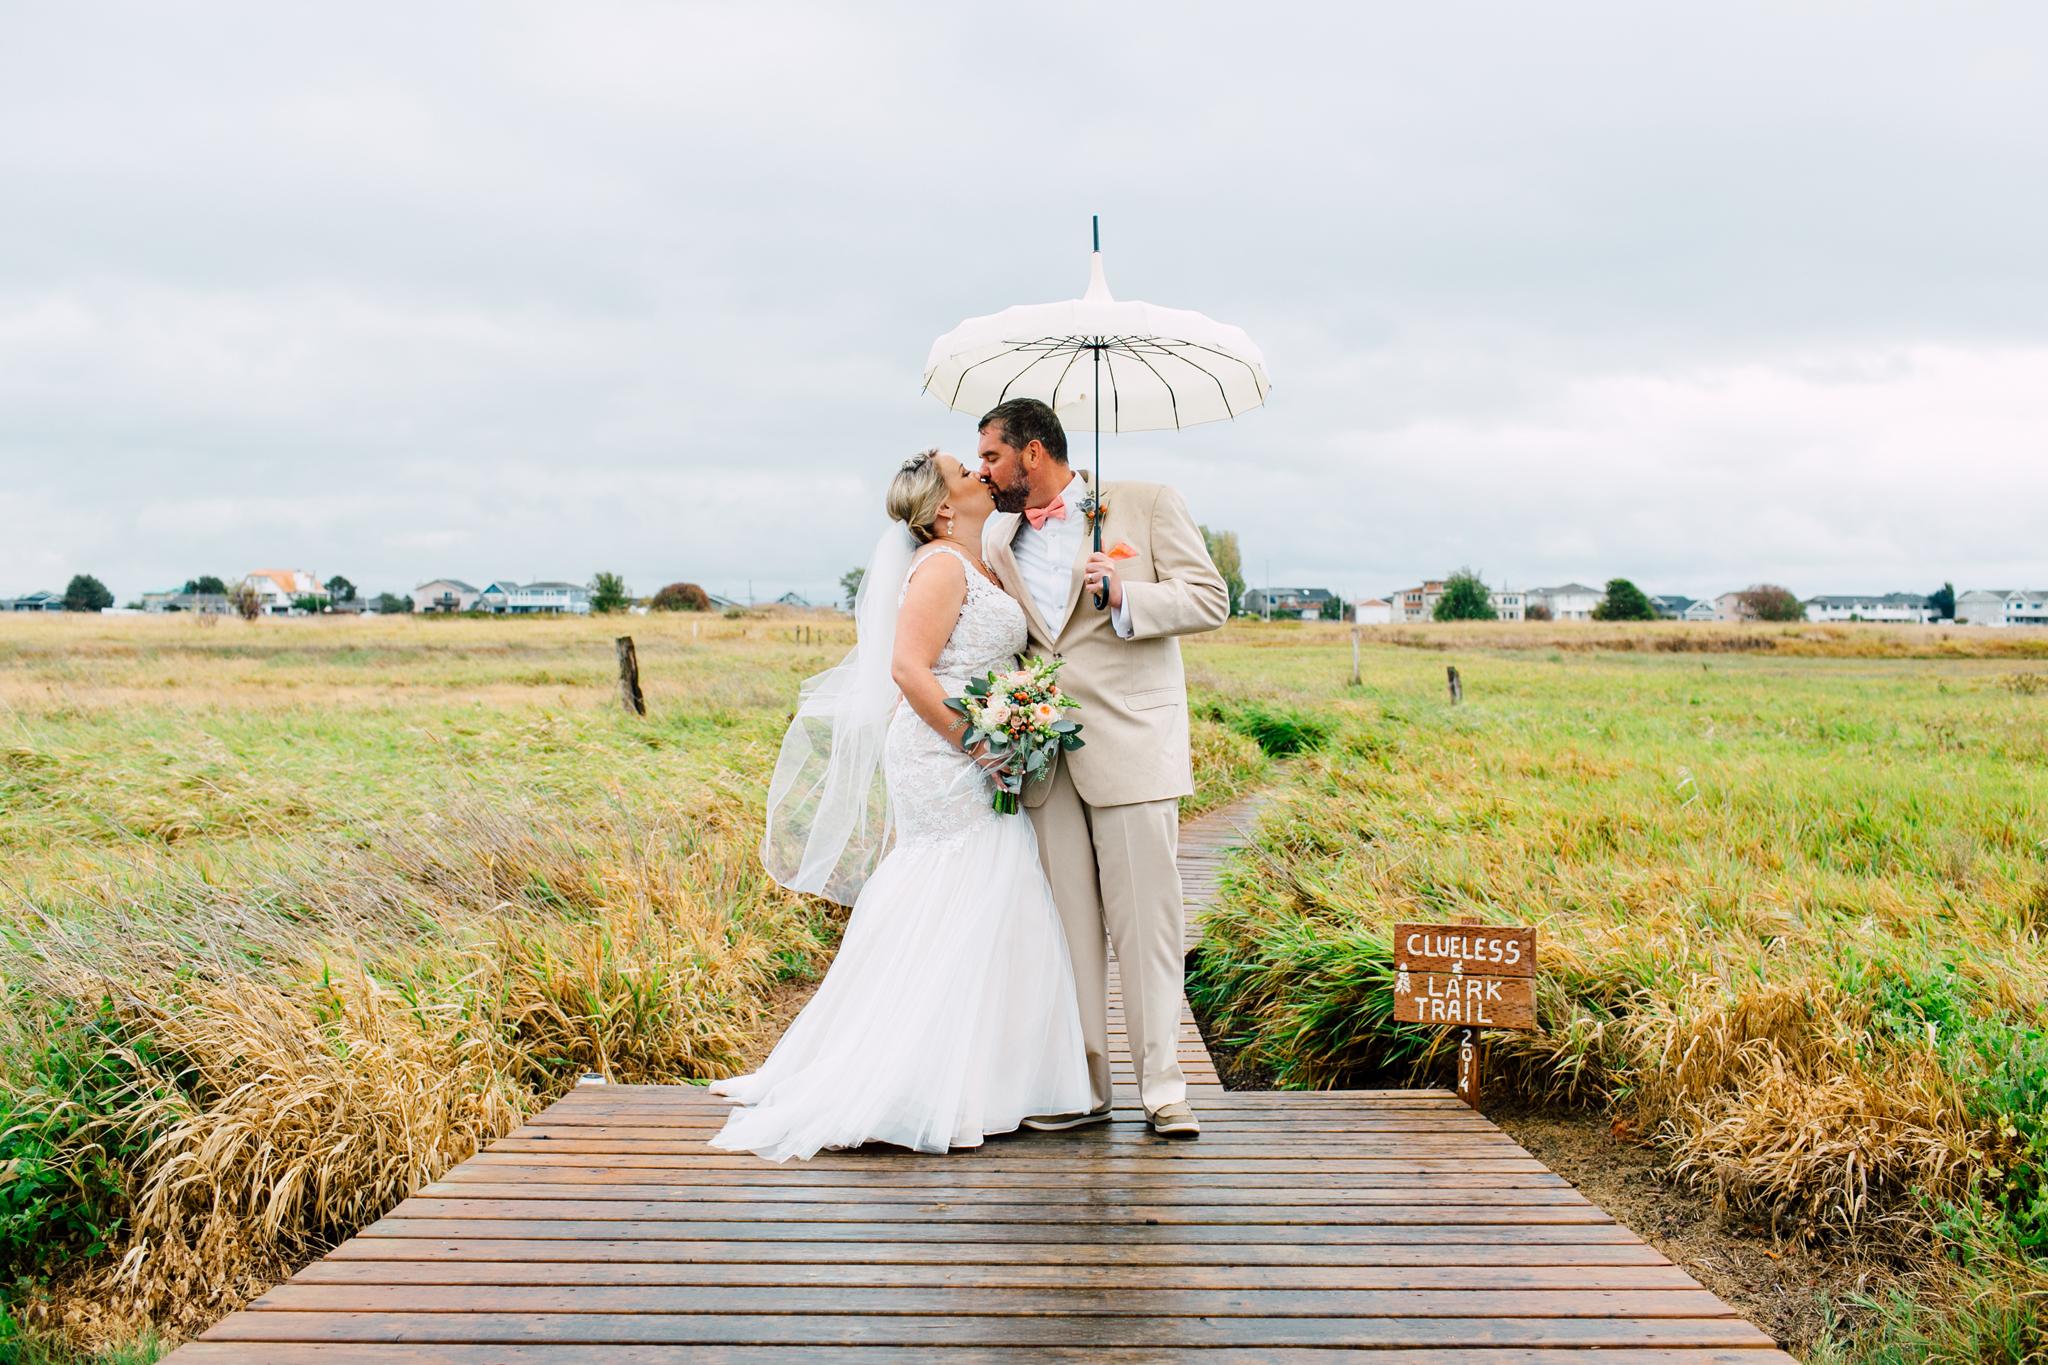 012-bellingham-wedding-photographer-beach-katheryn-moran-elisa-phillip.jpg